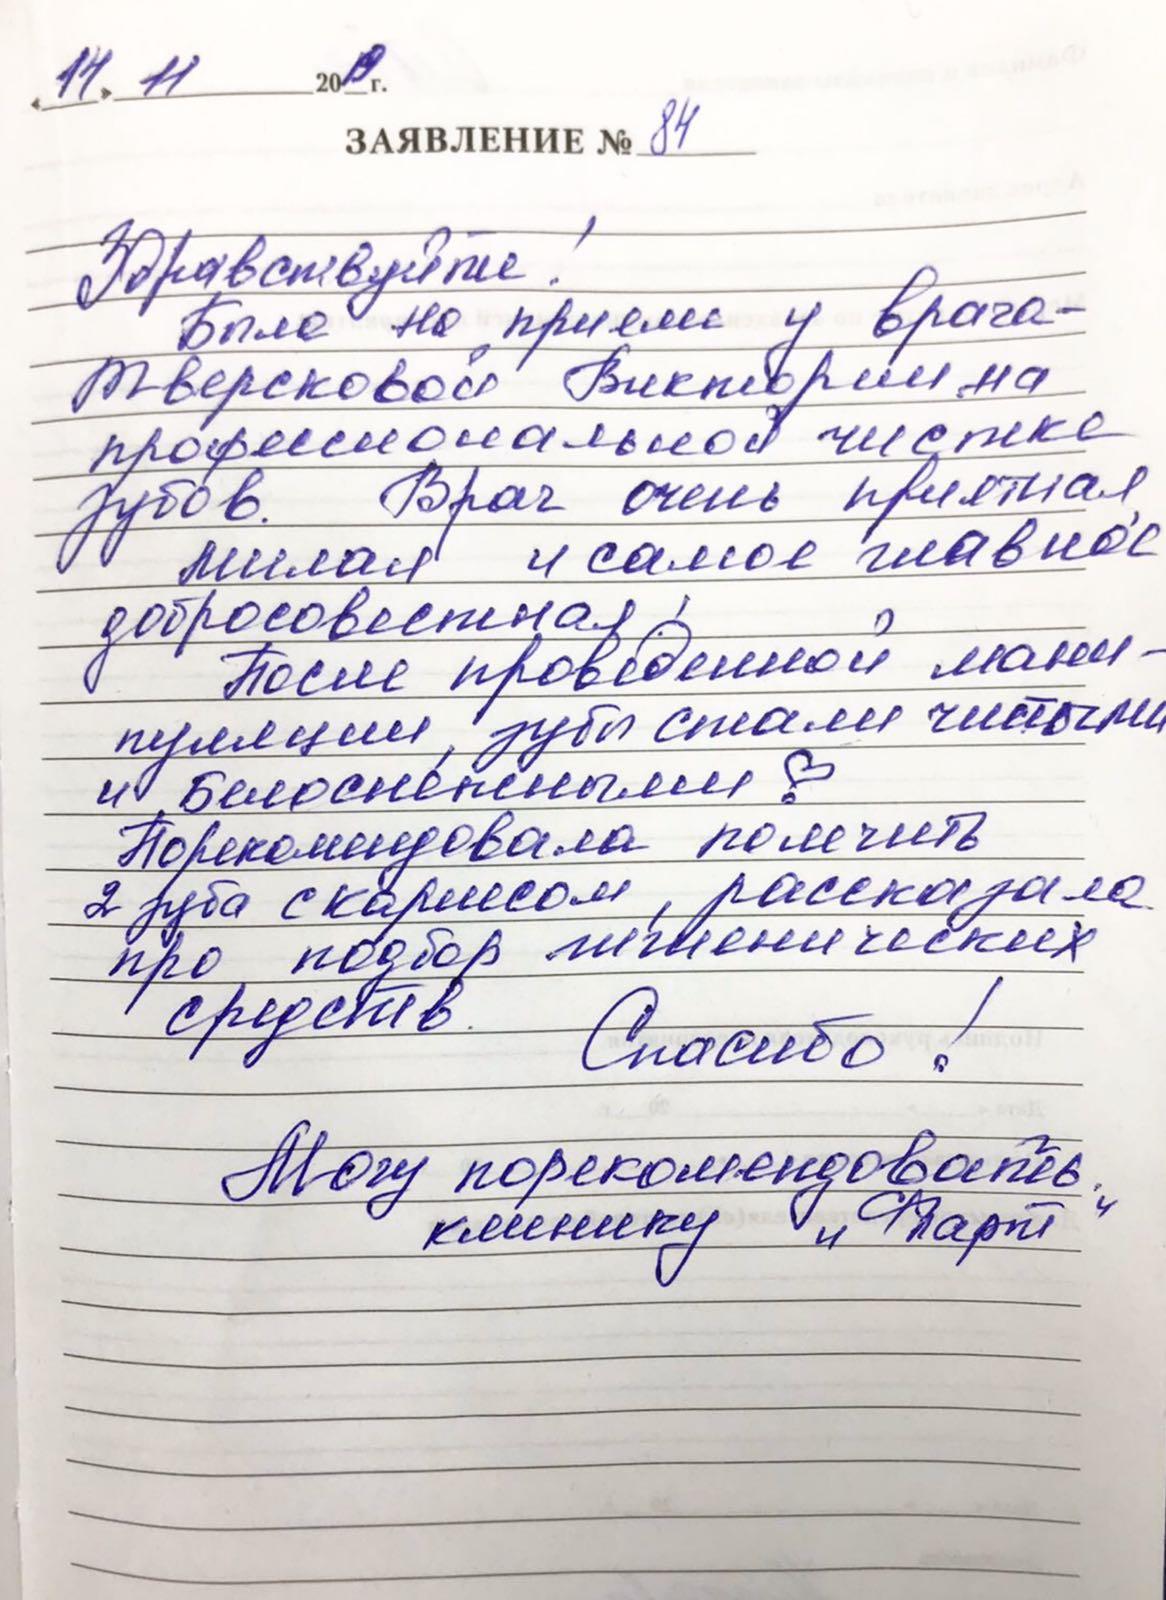 <em>Редактировать Отзыв</em> Ольга. Стоматология Фларт